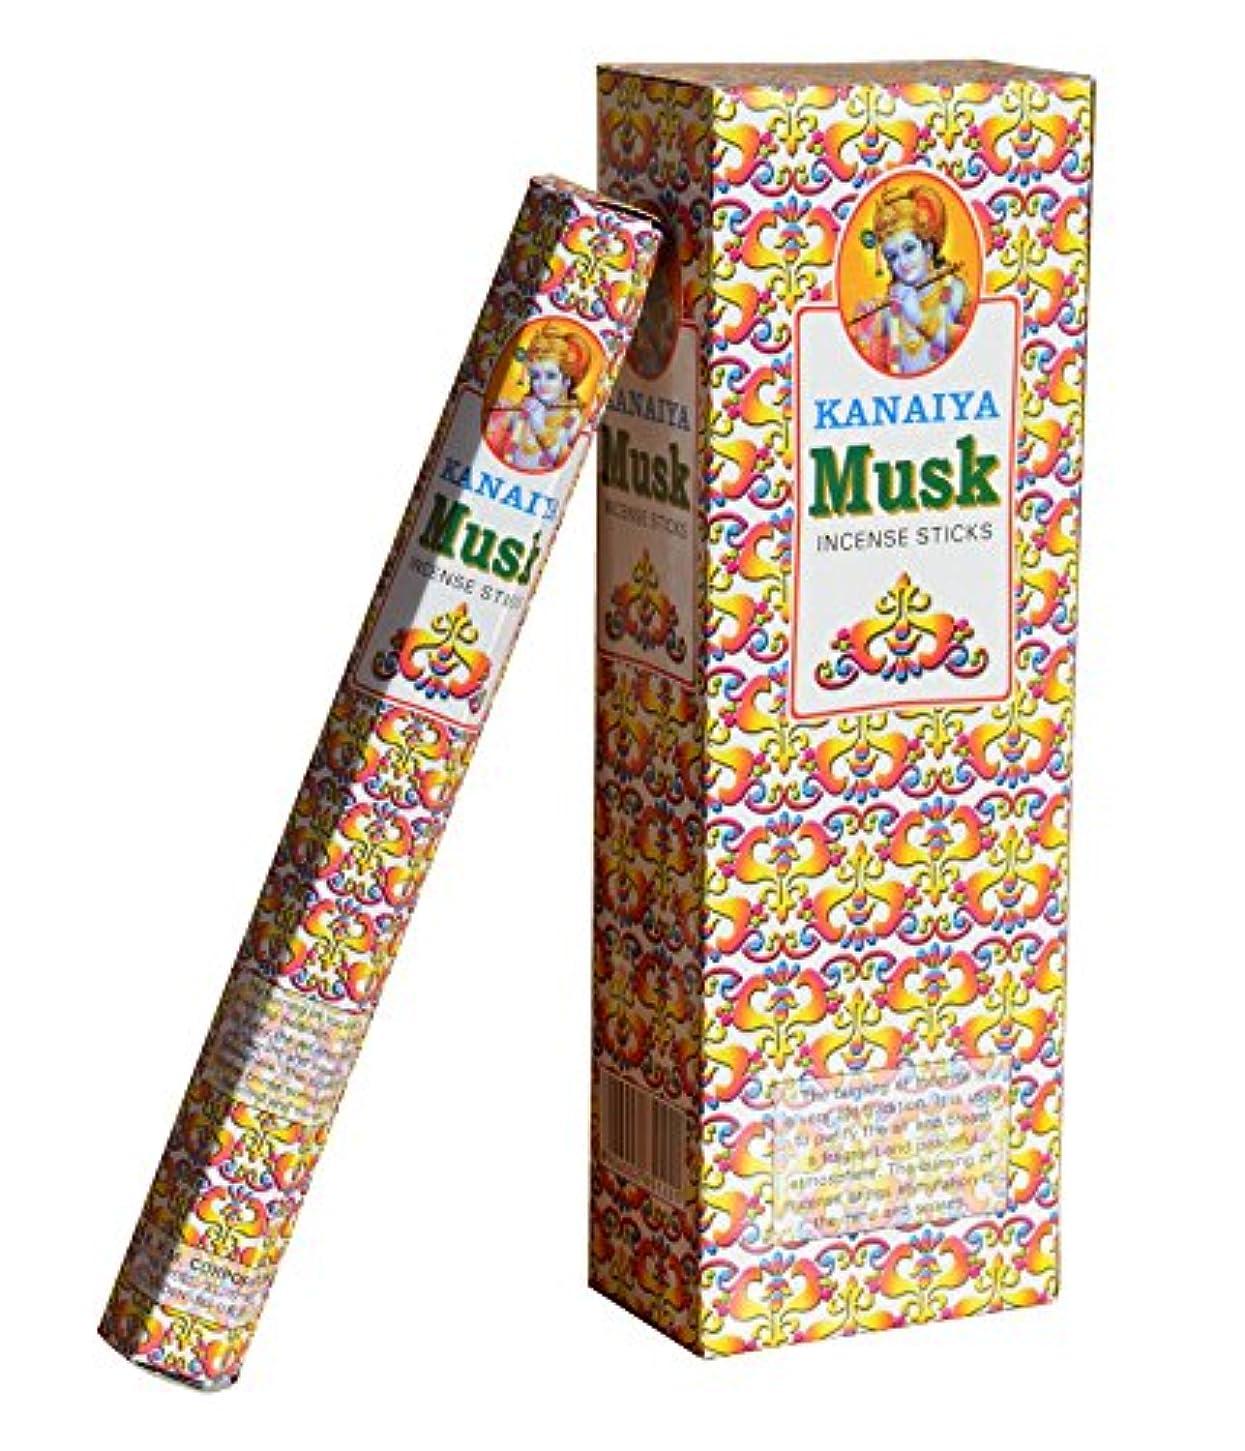 ムスク香インドから – 120 Sticks – madeからNatural Scented Oil – Kanaiyaブランドby tikkalife